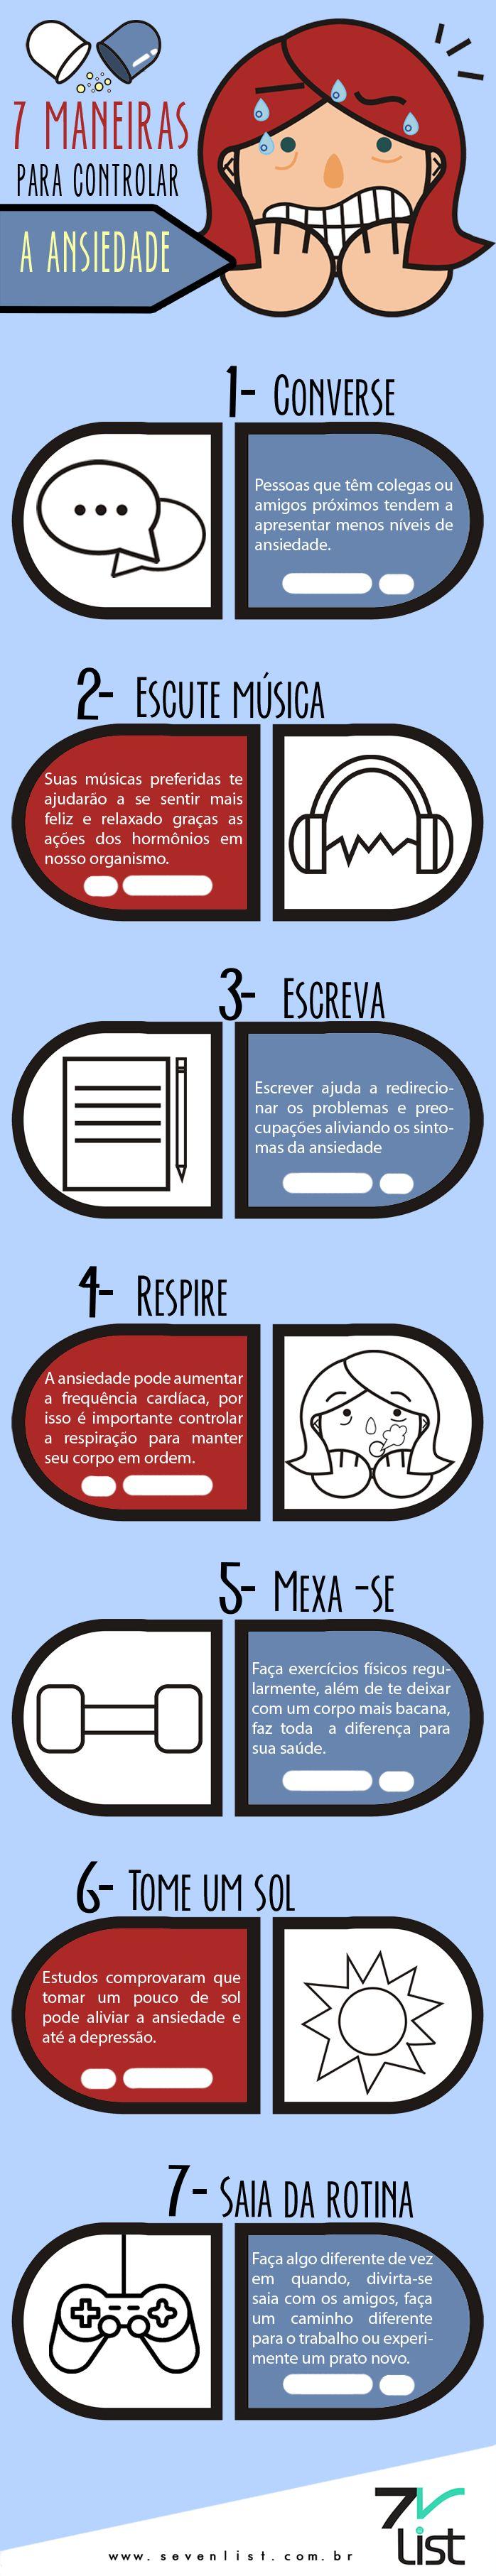 Quando bate aquela ansiedade pode ser bem difícil combatê-la, pensando nisso o Seven List separou 7 maneiras para controlar a ansiedade...